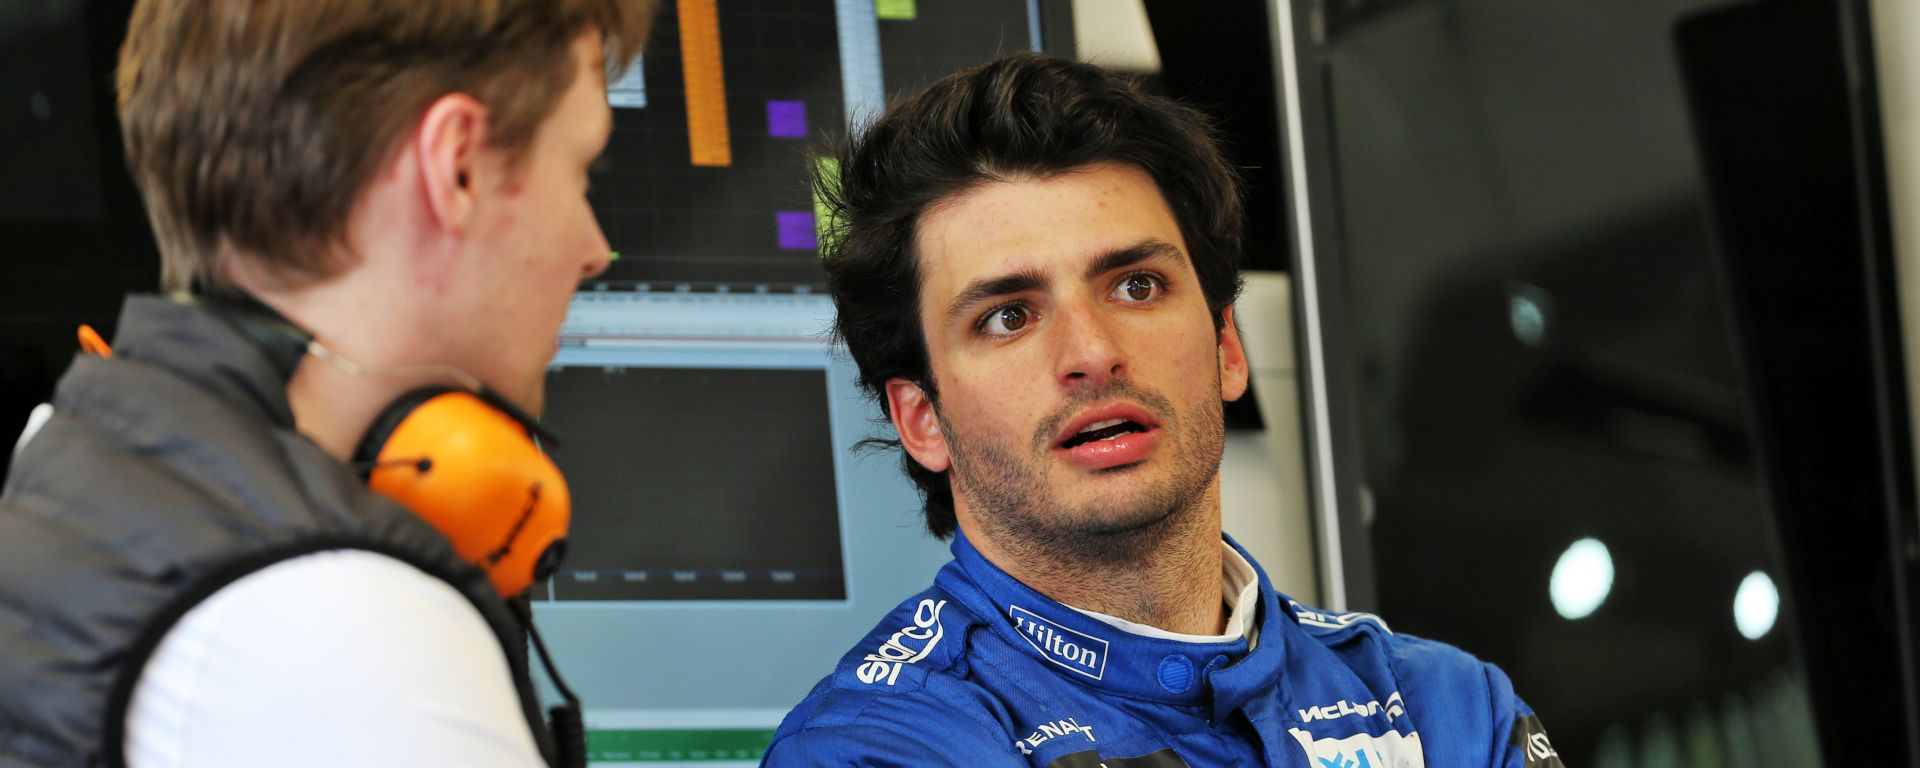 F1 2020: Carlos Sainz (McLaren)